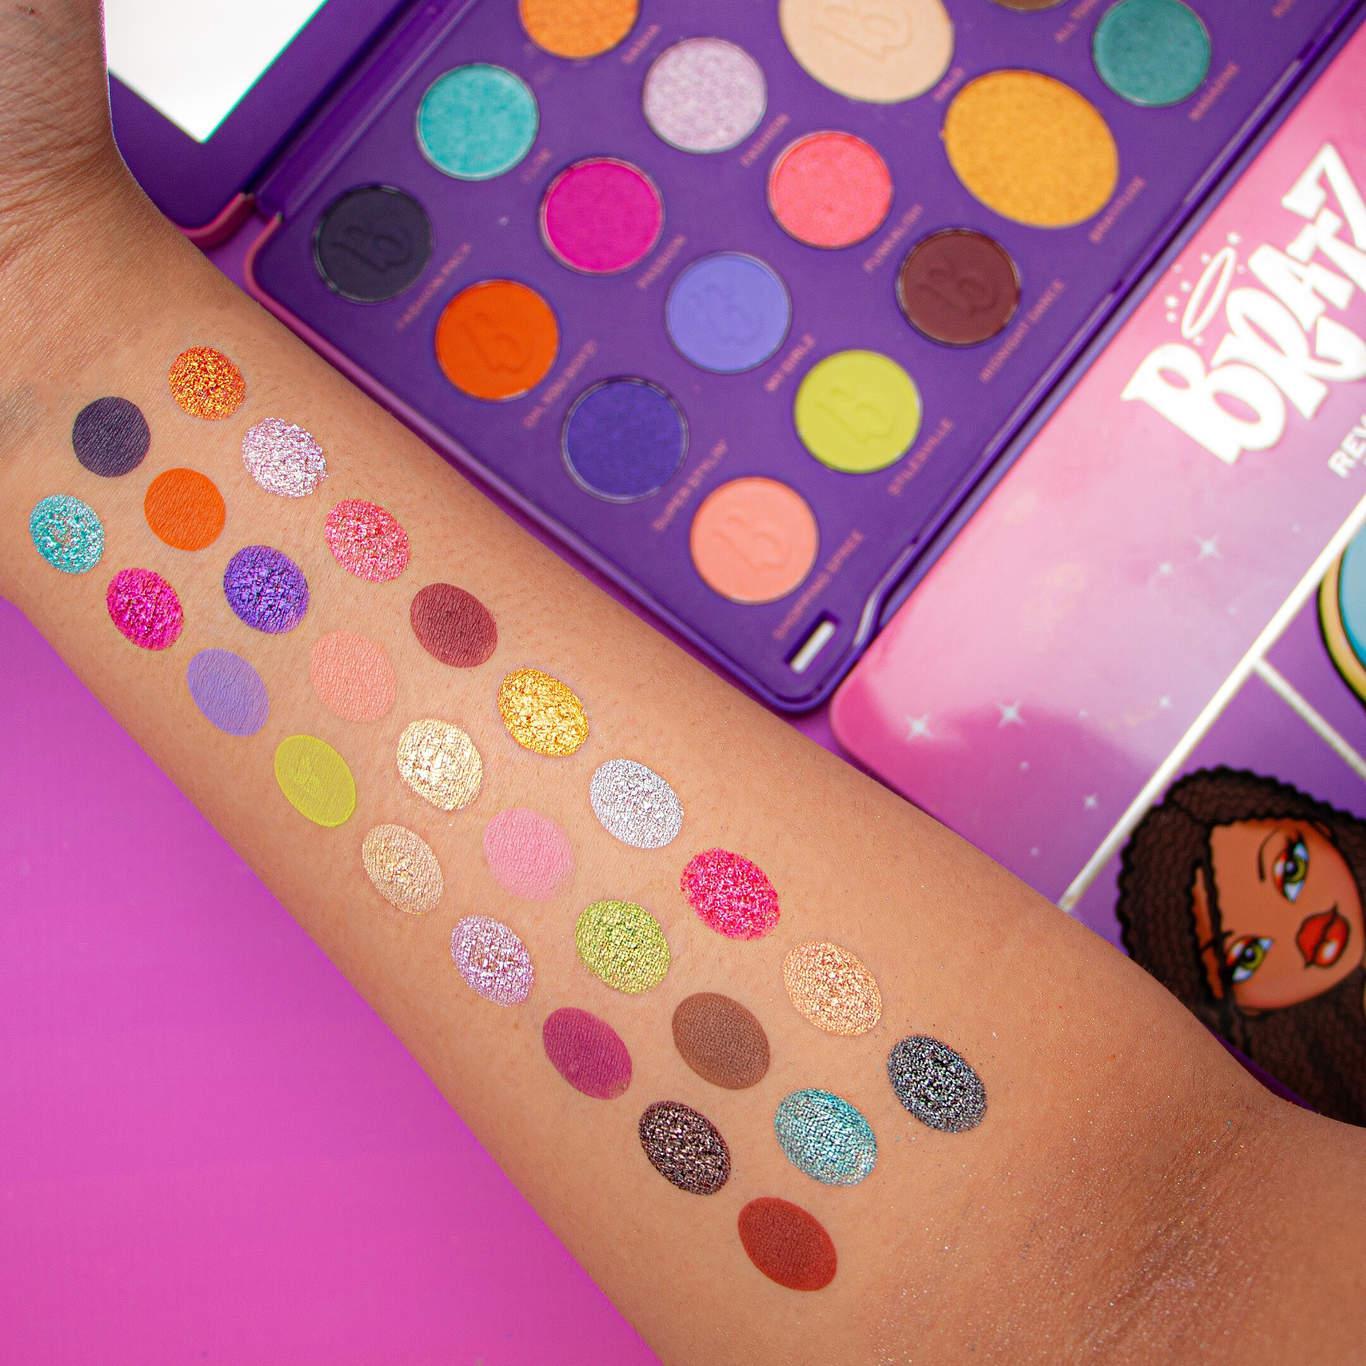 Makeup Revolution x Bratz Eyeshadow Palette Arm Swatches